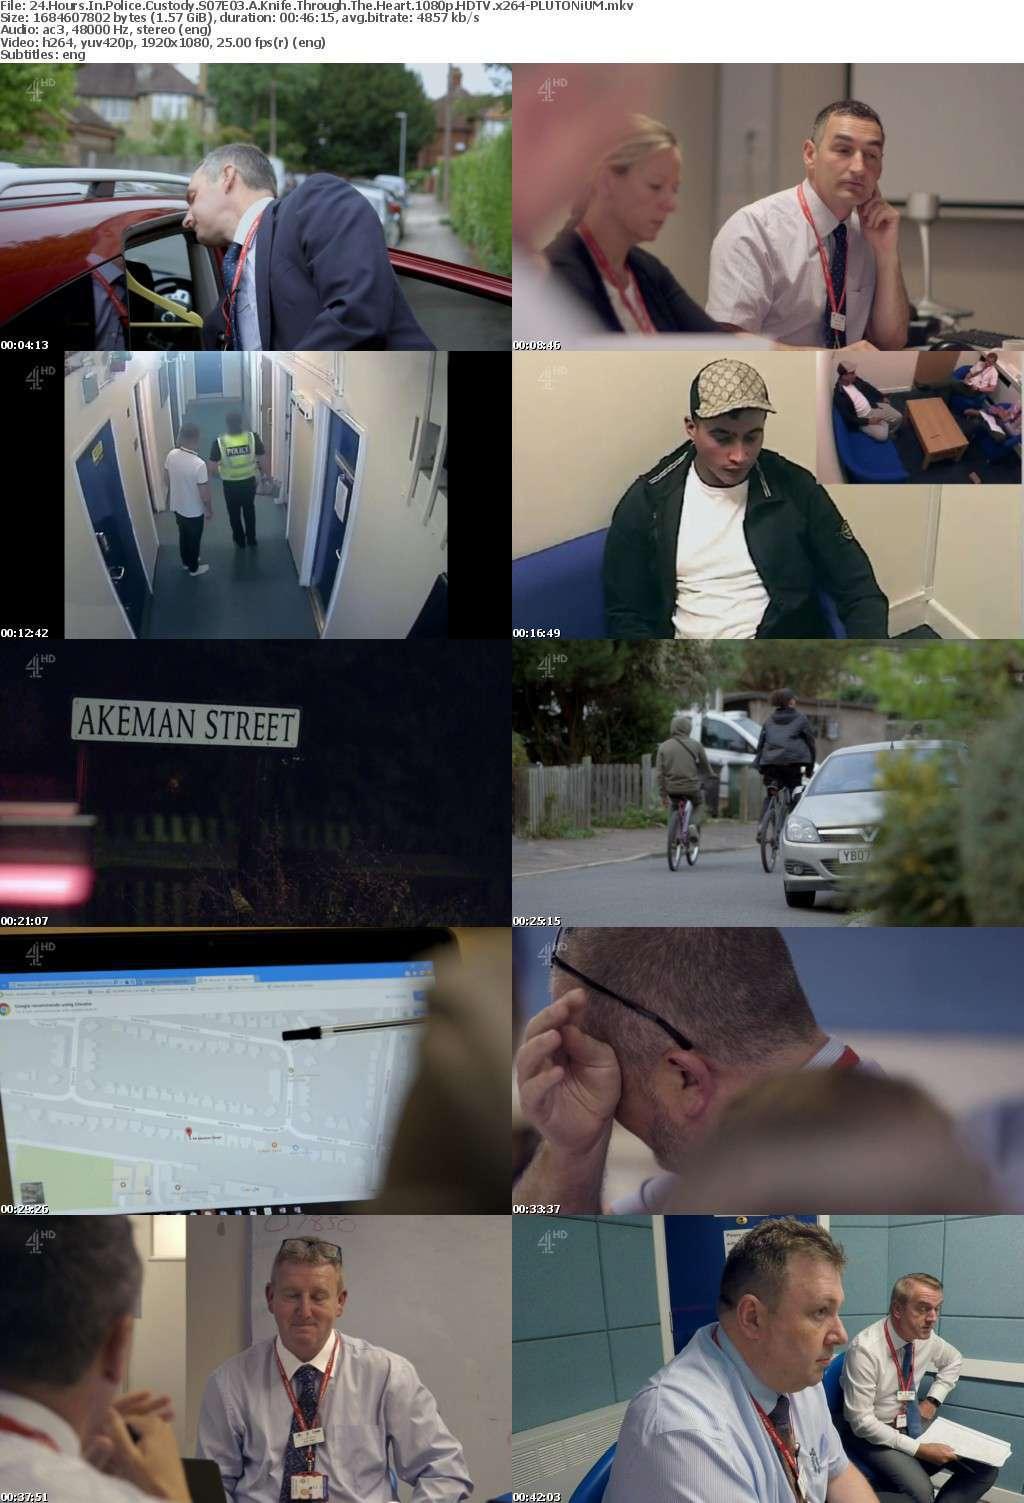 24 Hours In Police Custody S07E03 A Knife Through The Heart 1080p HDTV x264-PLUTONiUM